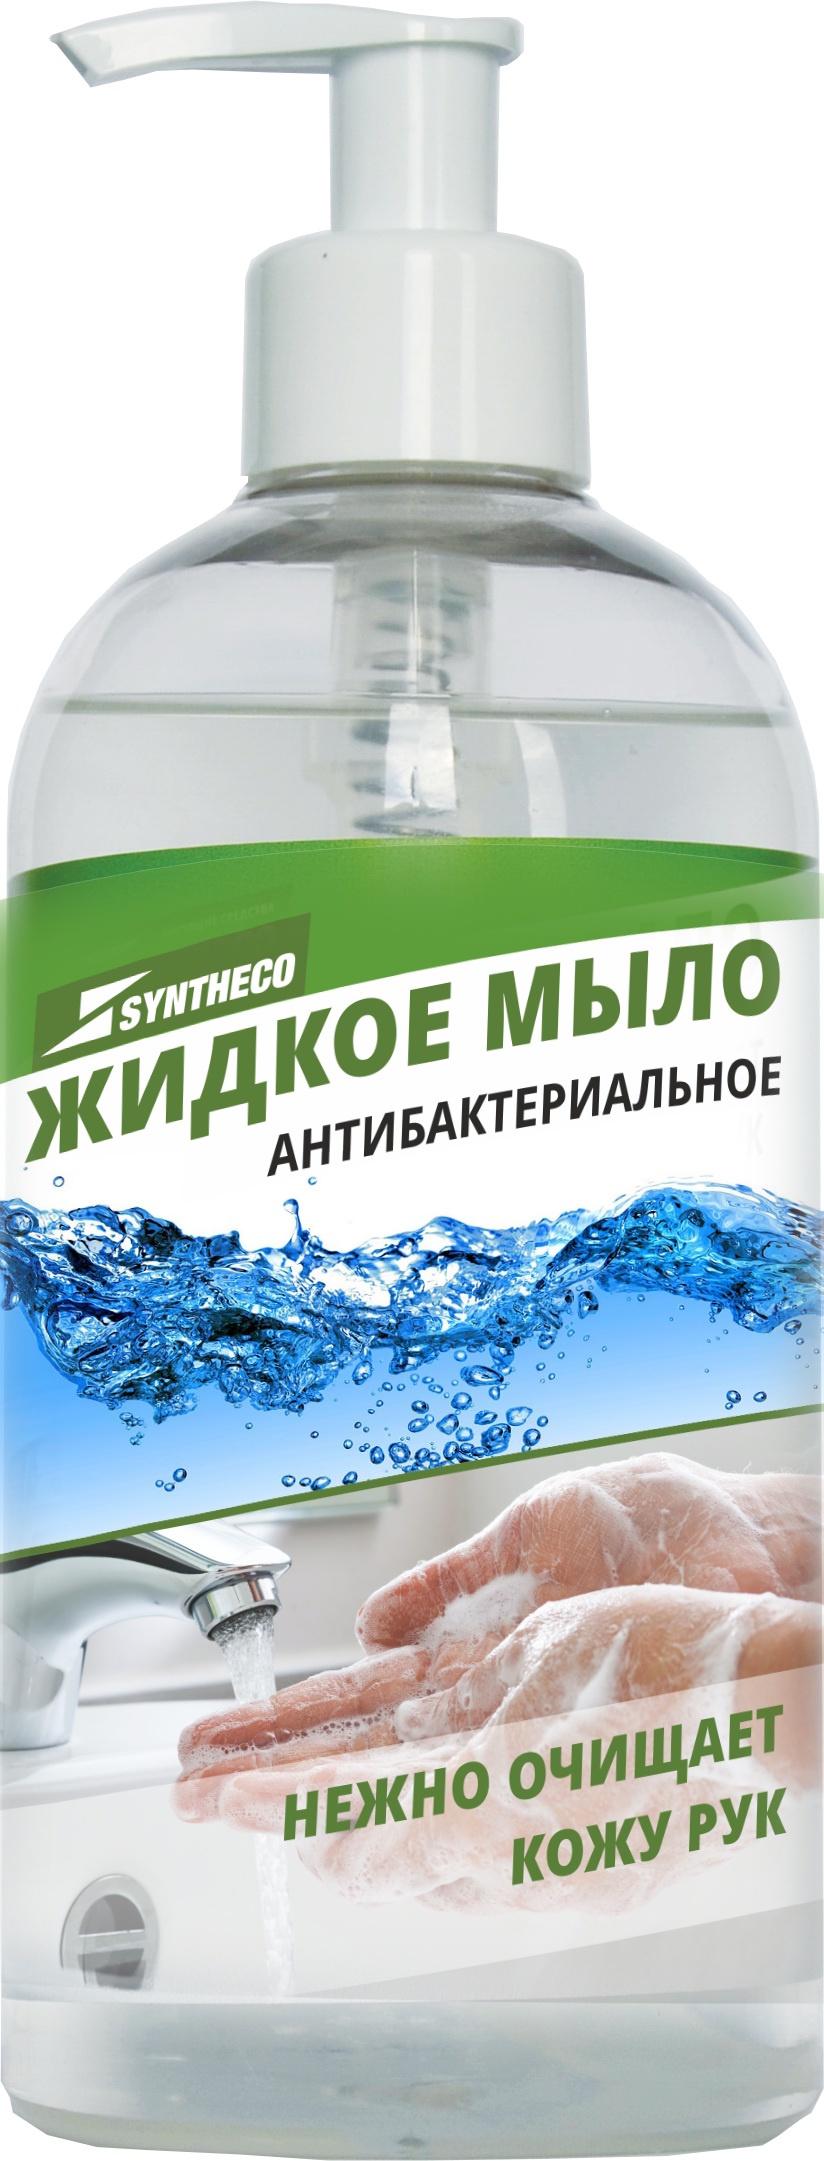 Syntheco Жидкое мыло Антибактериальное